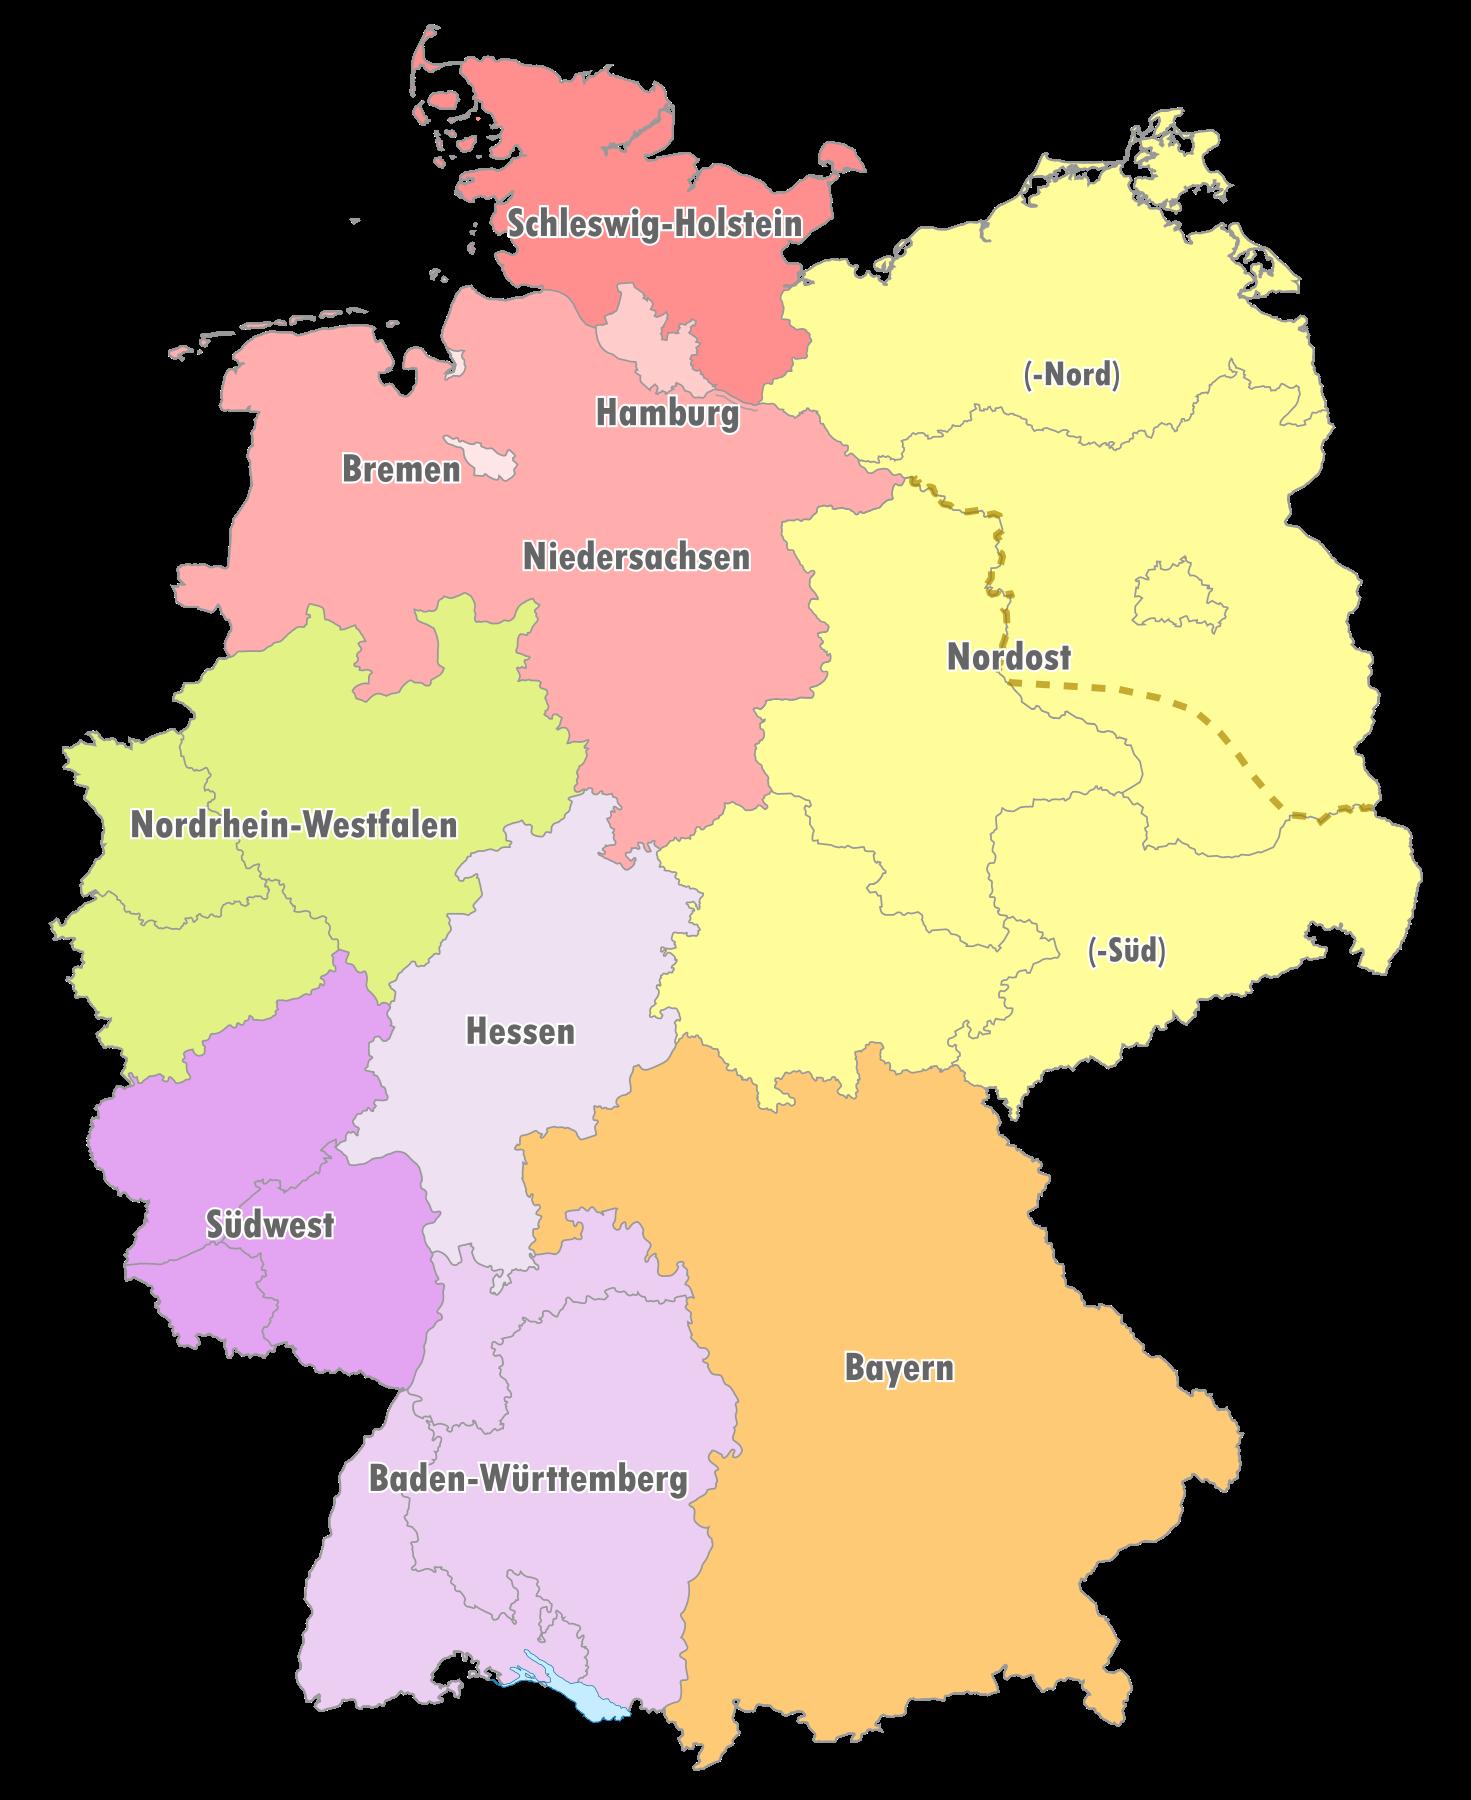 Geografische Einteilung der Oberligen zur Saison 2010/11